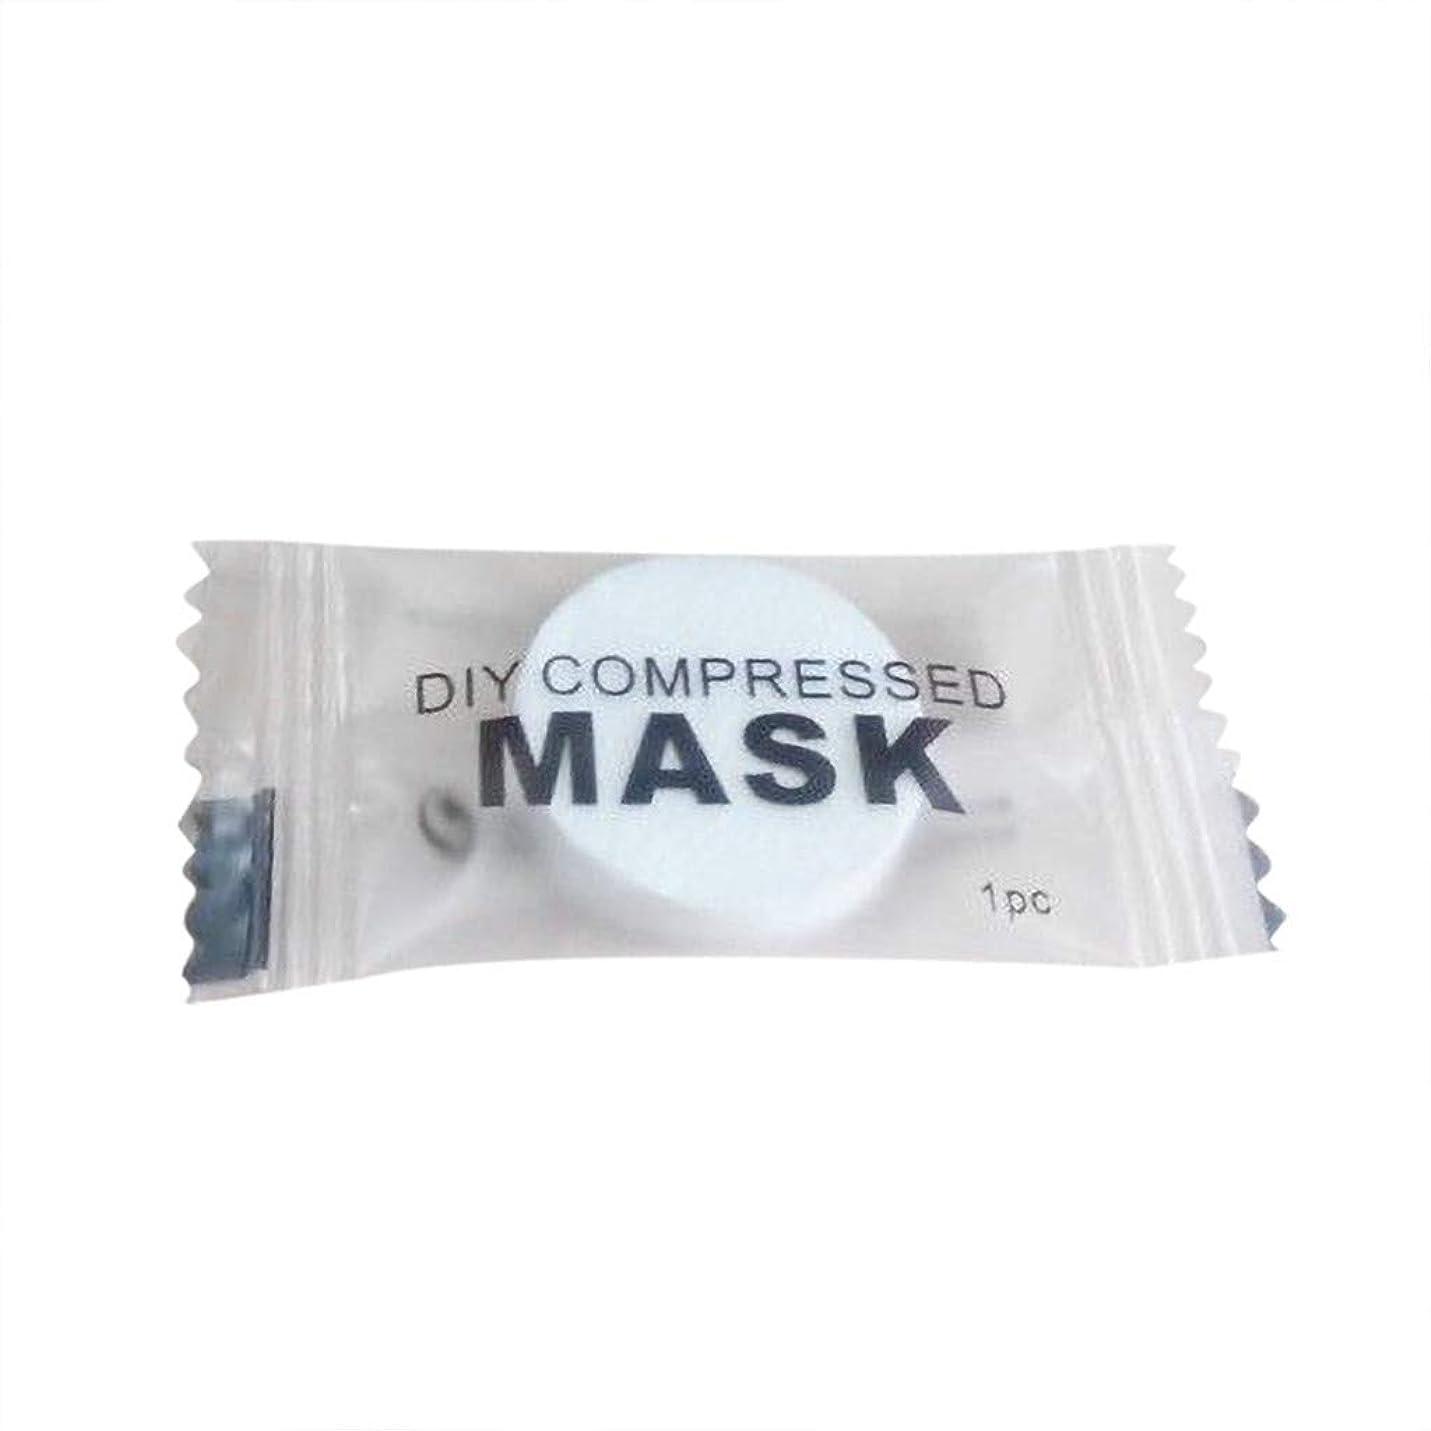 Dream 圧縮マスク 圧縮フェイスパック 圧縮マスクシート 圧縮フェイスパック DIY美容マスク カップ入コインマスク フェイスマスクシート 携帯便利 使い捨て 100枚入り (白)